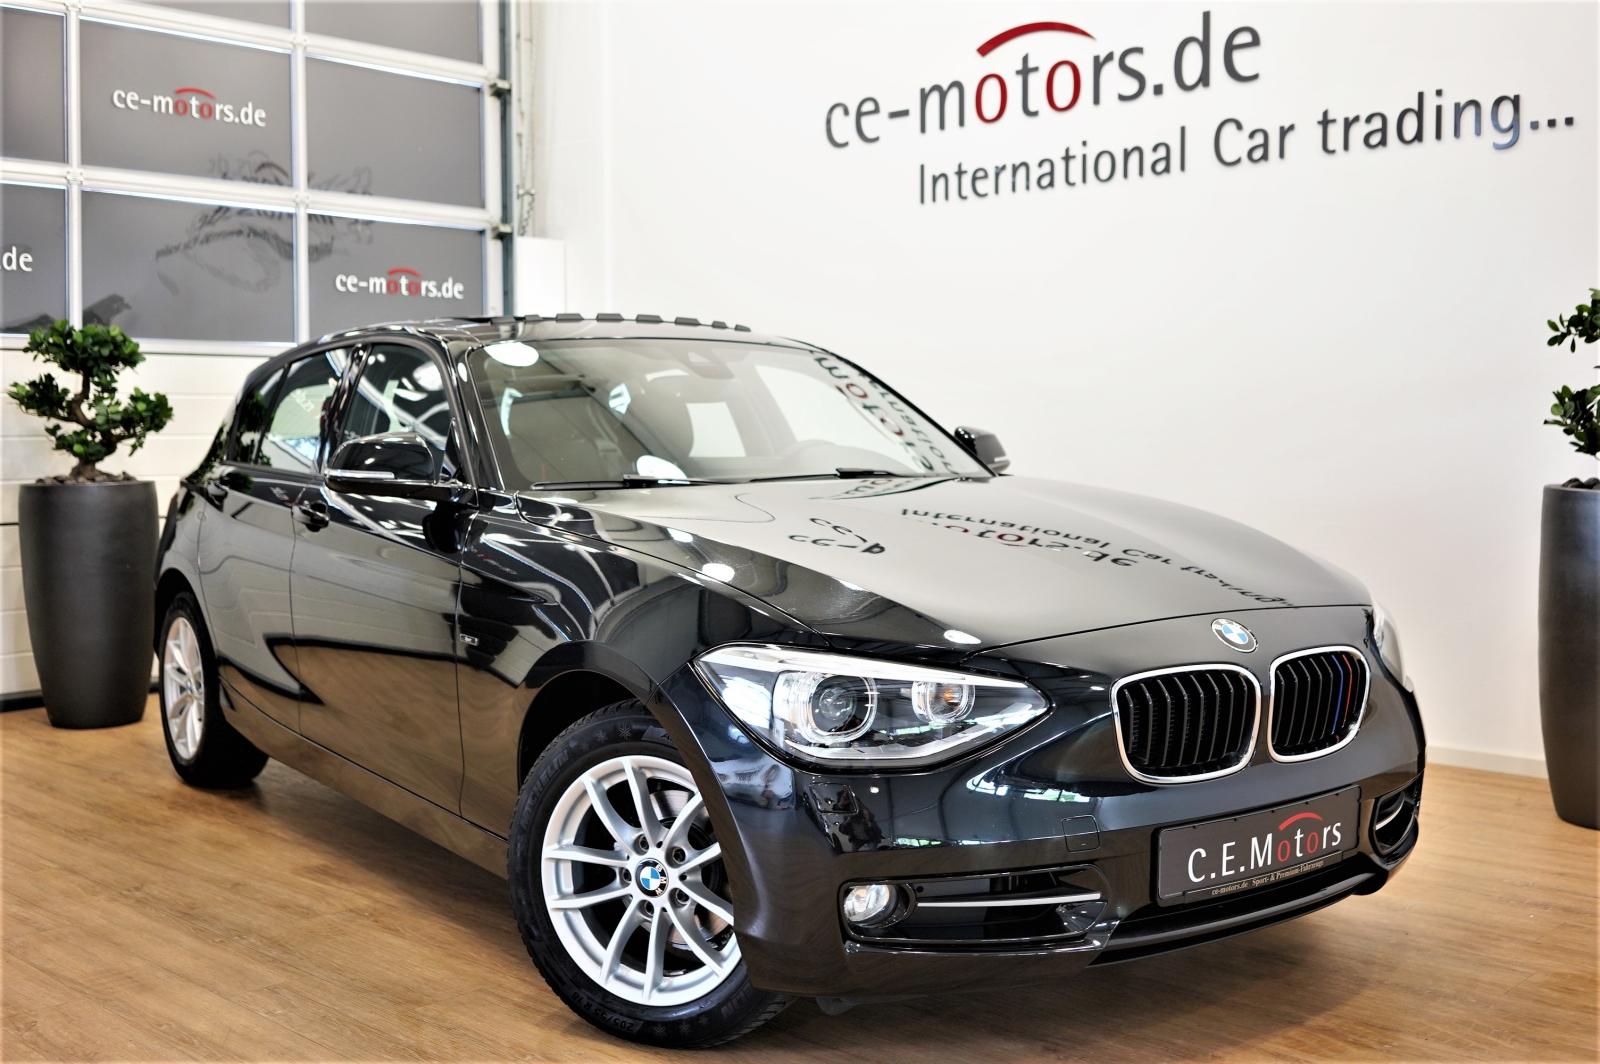 BMW 116d SPORT-LINE*Bi-Xenon*Navi-Prof.*SCHIEBEDACH*, Jahr 2013, Diesel